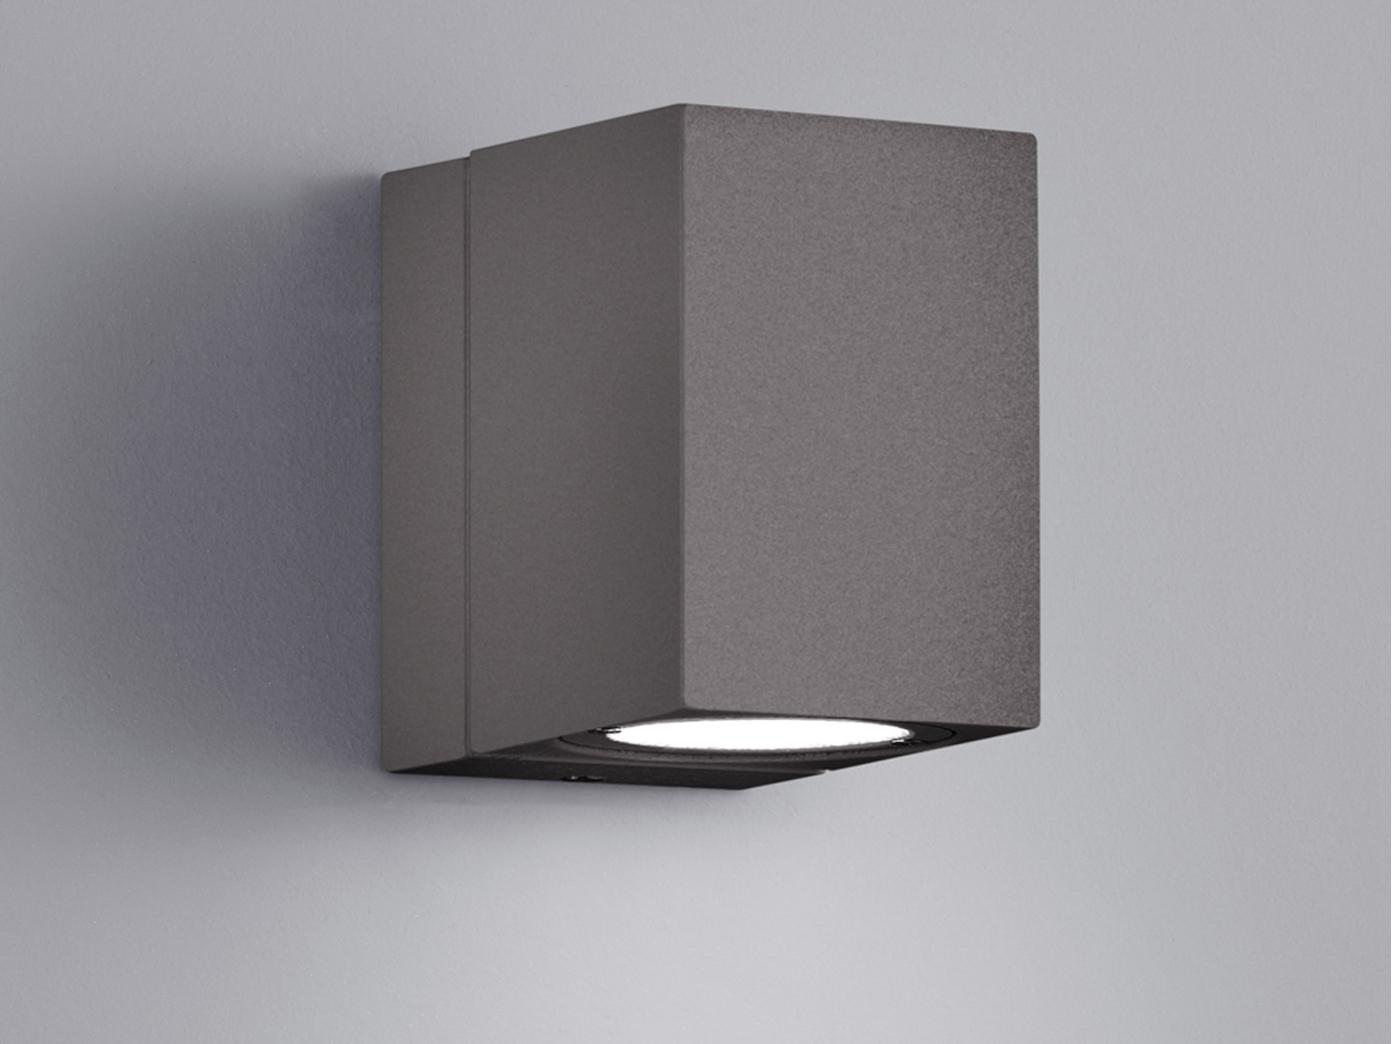 led au en wandleuchte tiber anthrazit 320 schwenkbar. Black Bedroom Furniture Sets. Home Design Ideas